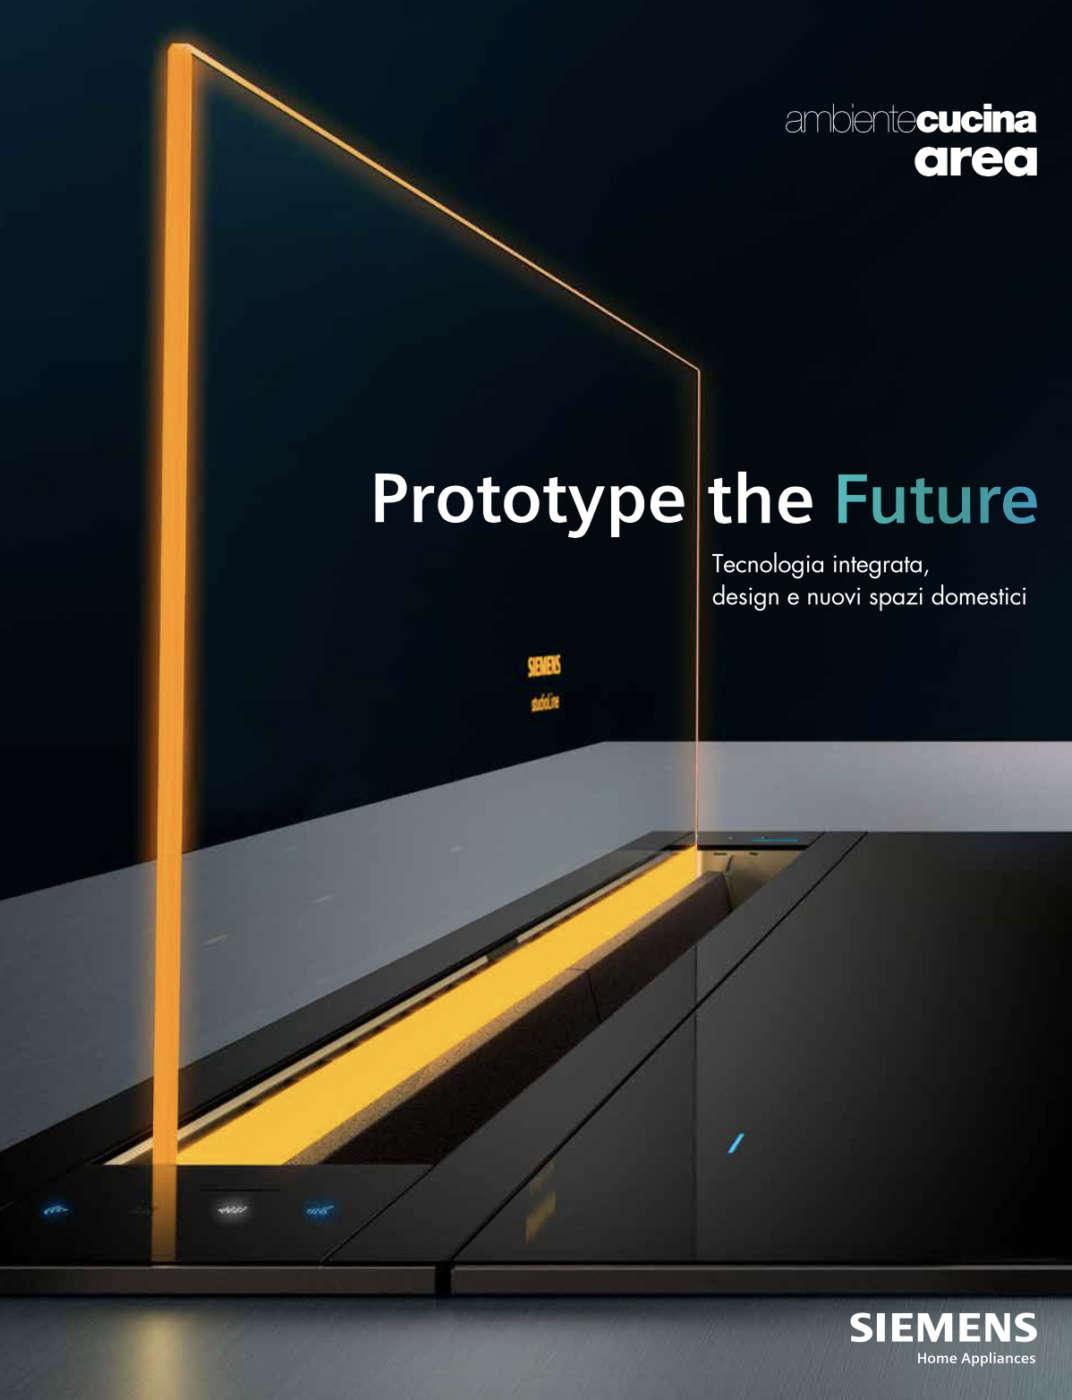 Prototype the future siemens